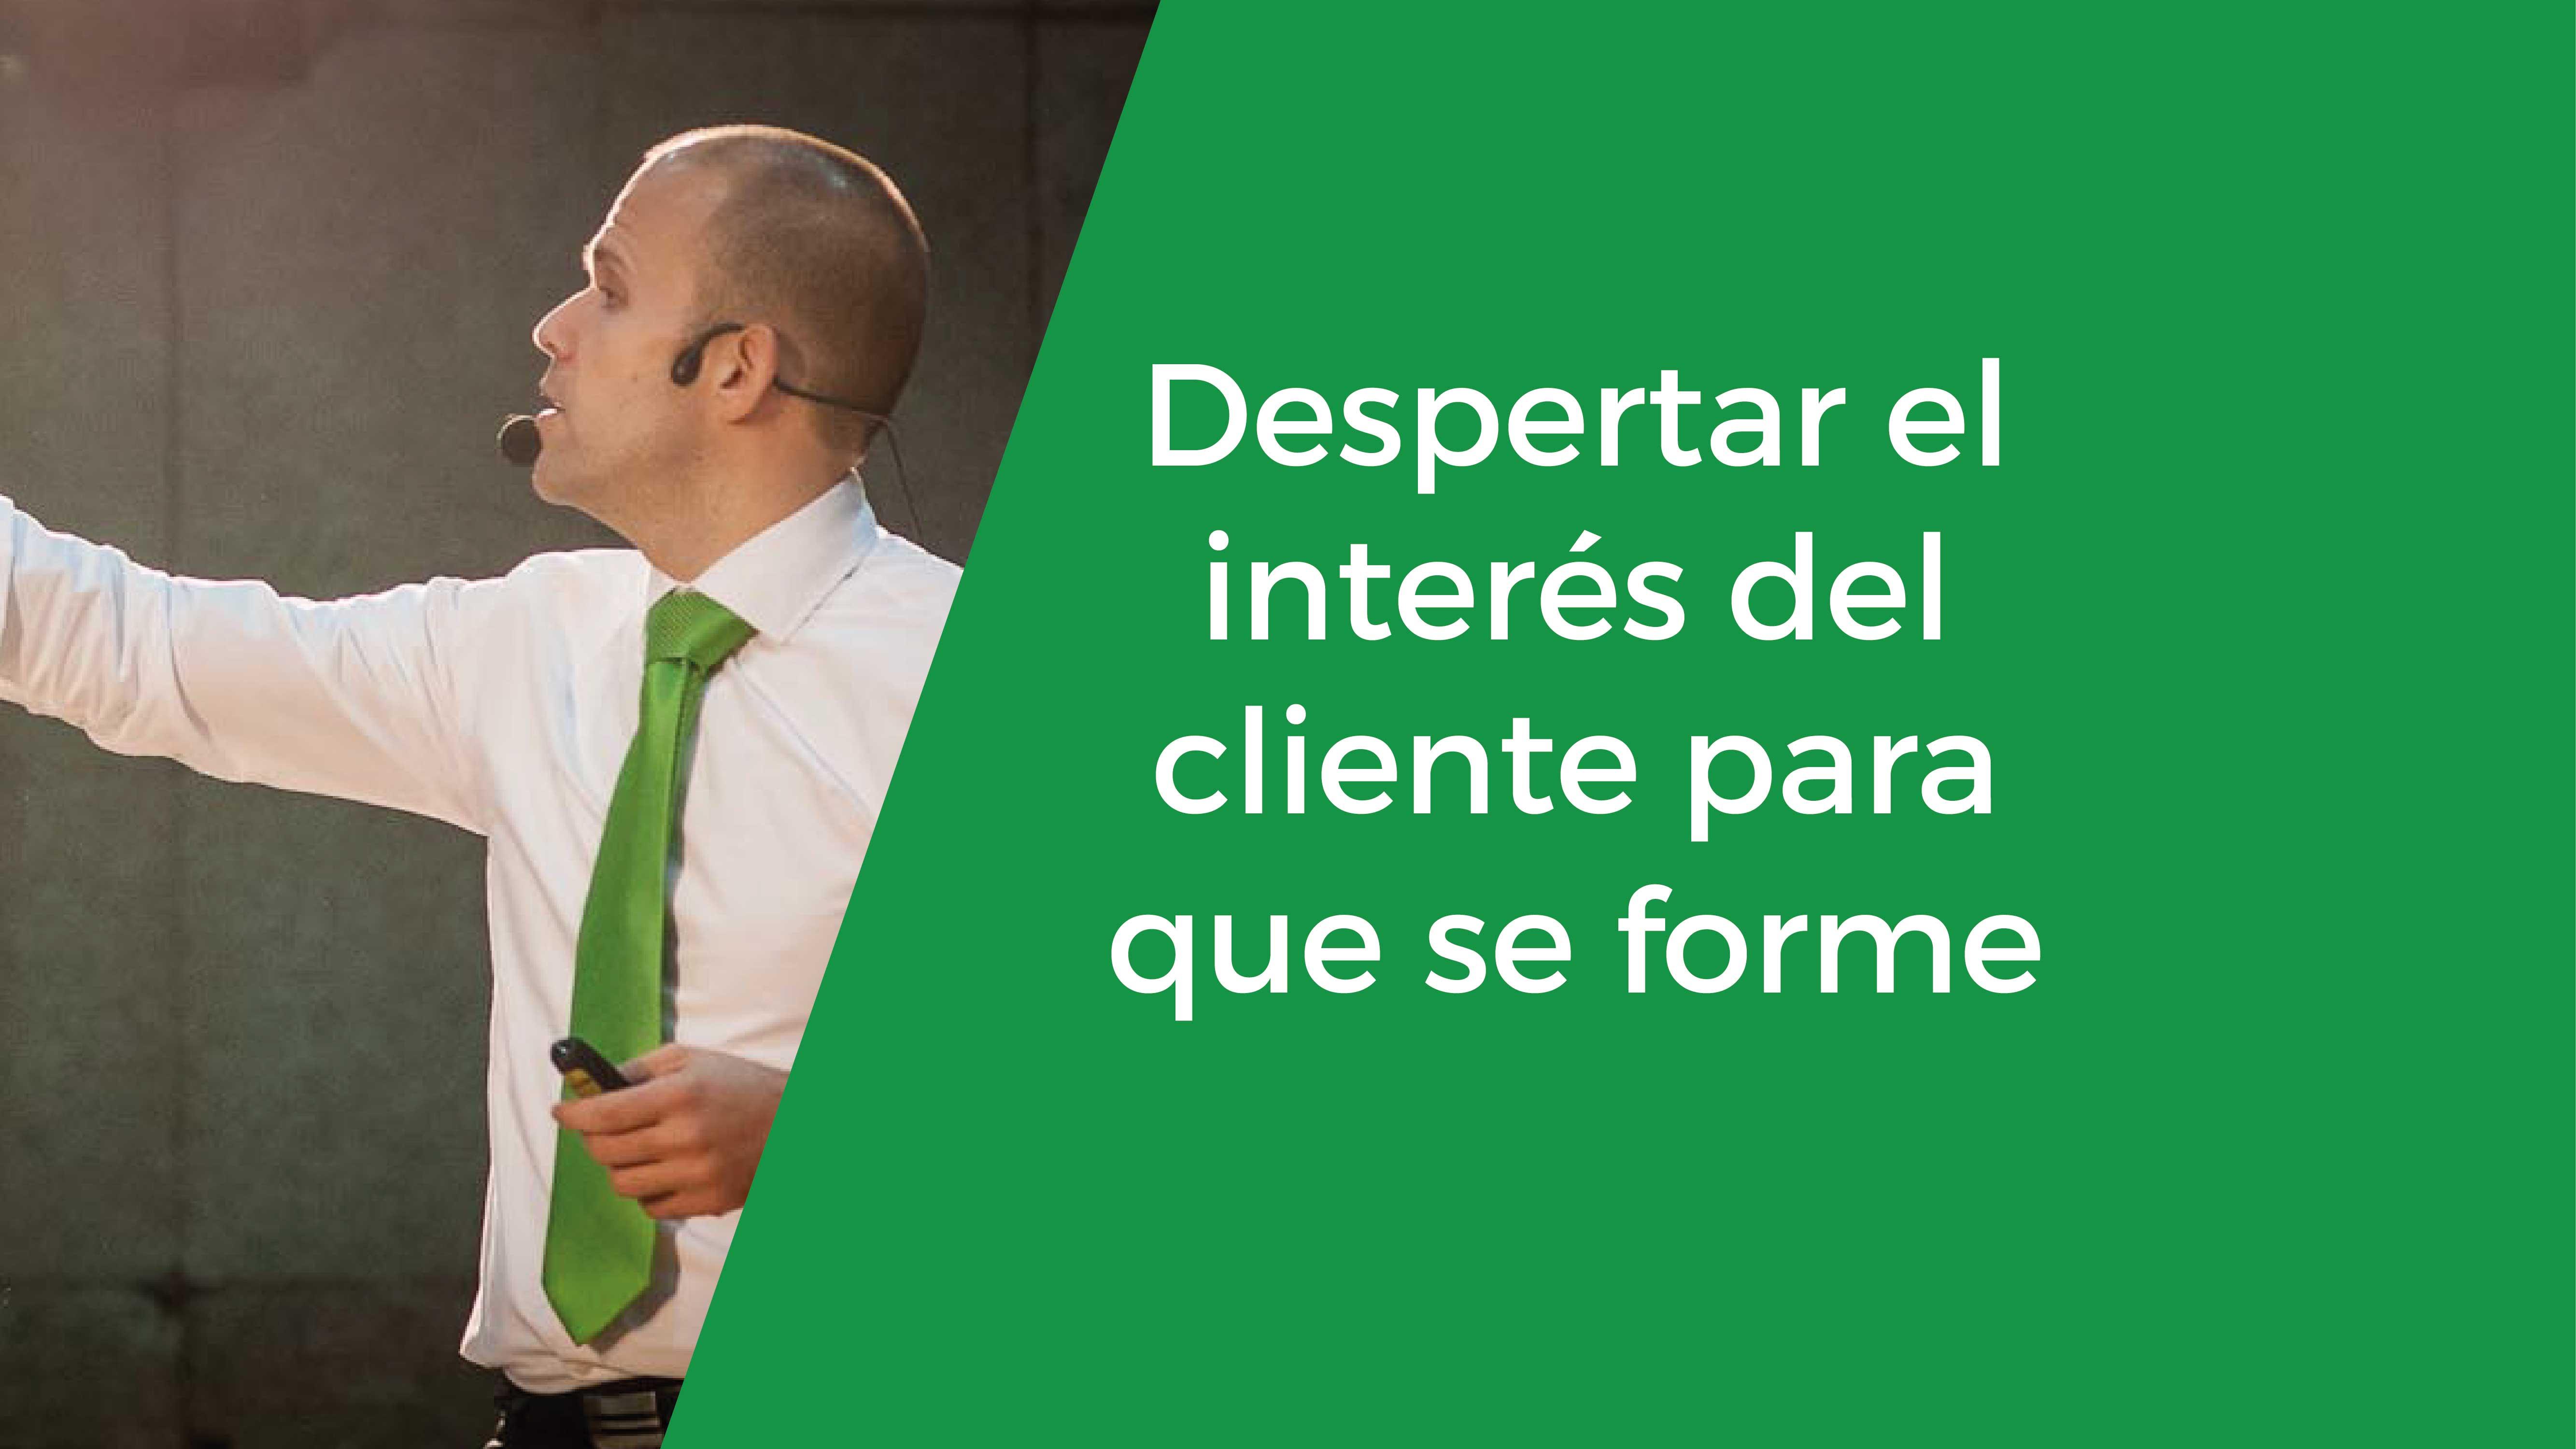 #PregúntaleAFelipe: Cómo despertar el interés del cliente para que se forme